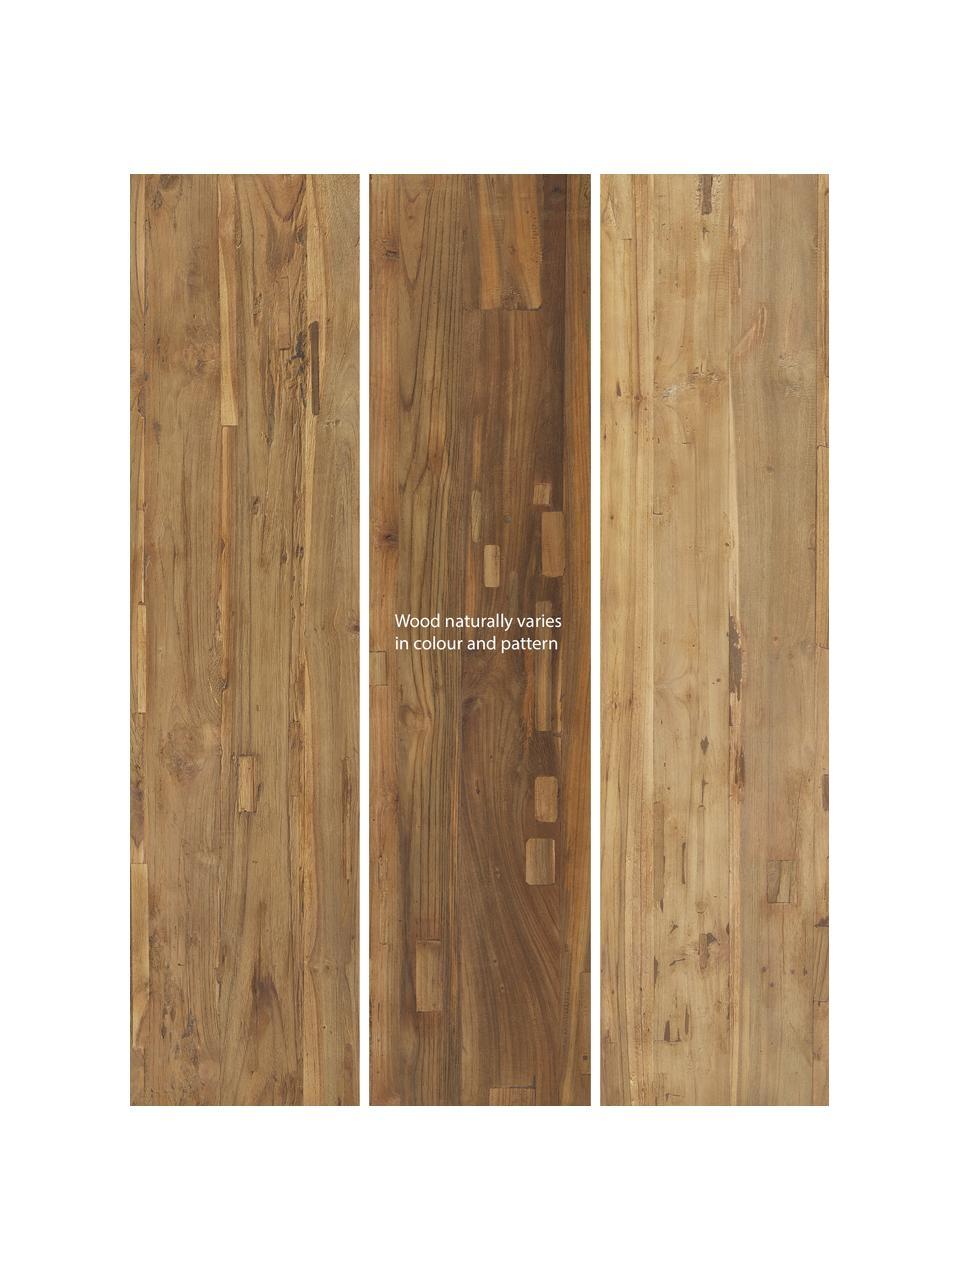 Massief houten eettafel Lawas van teakhout, Natuurlijk teakhout, Teakhoutkleurig, B 220 x D 100 cm